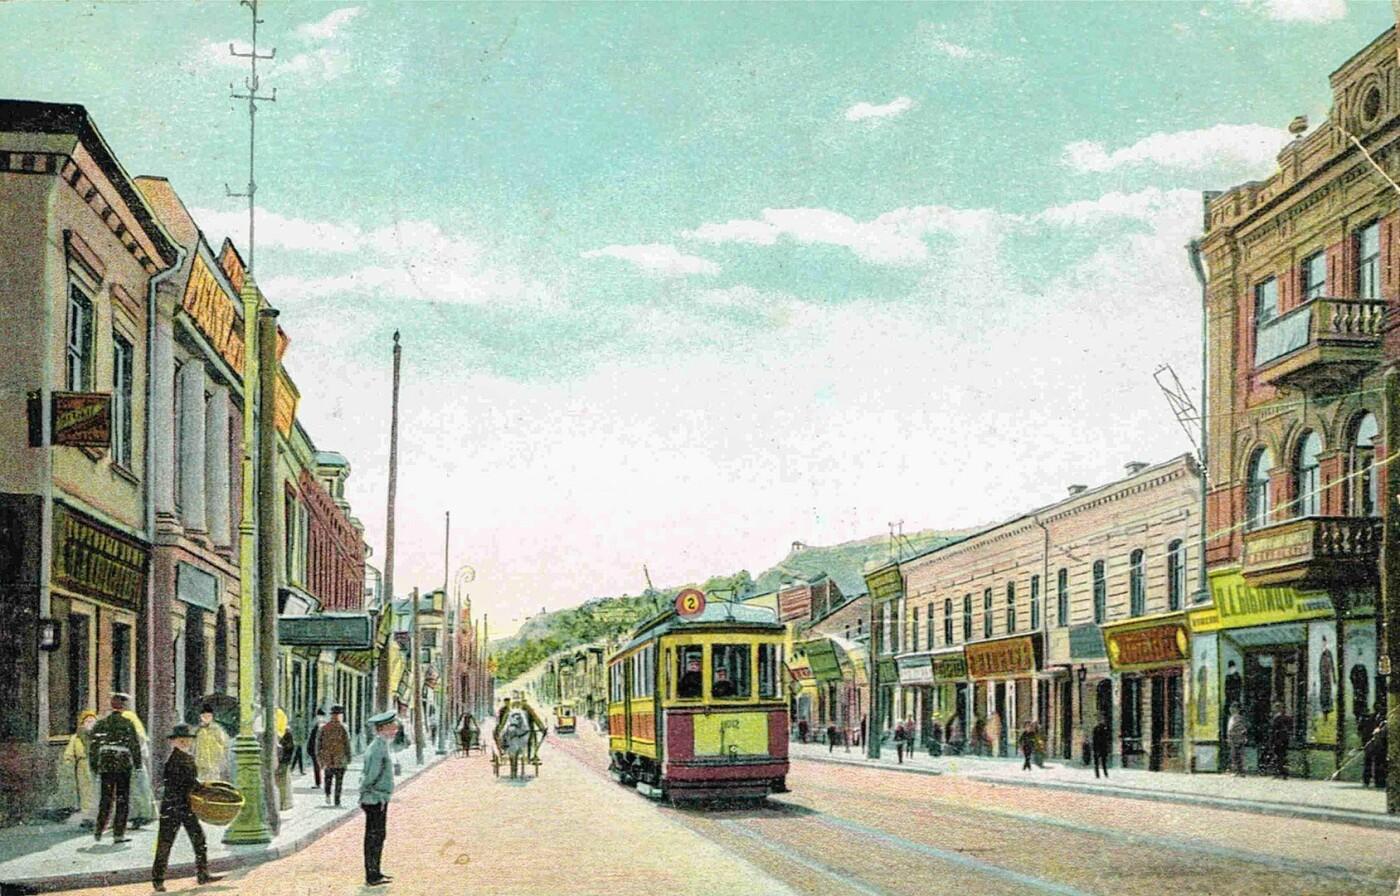 Улица с одним деревом в Киеве: как строилась и развивалась ул. Сагайдачного, - ФОТО, Фото: Википедия